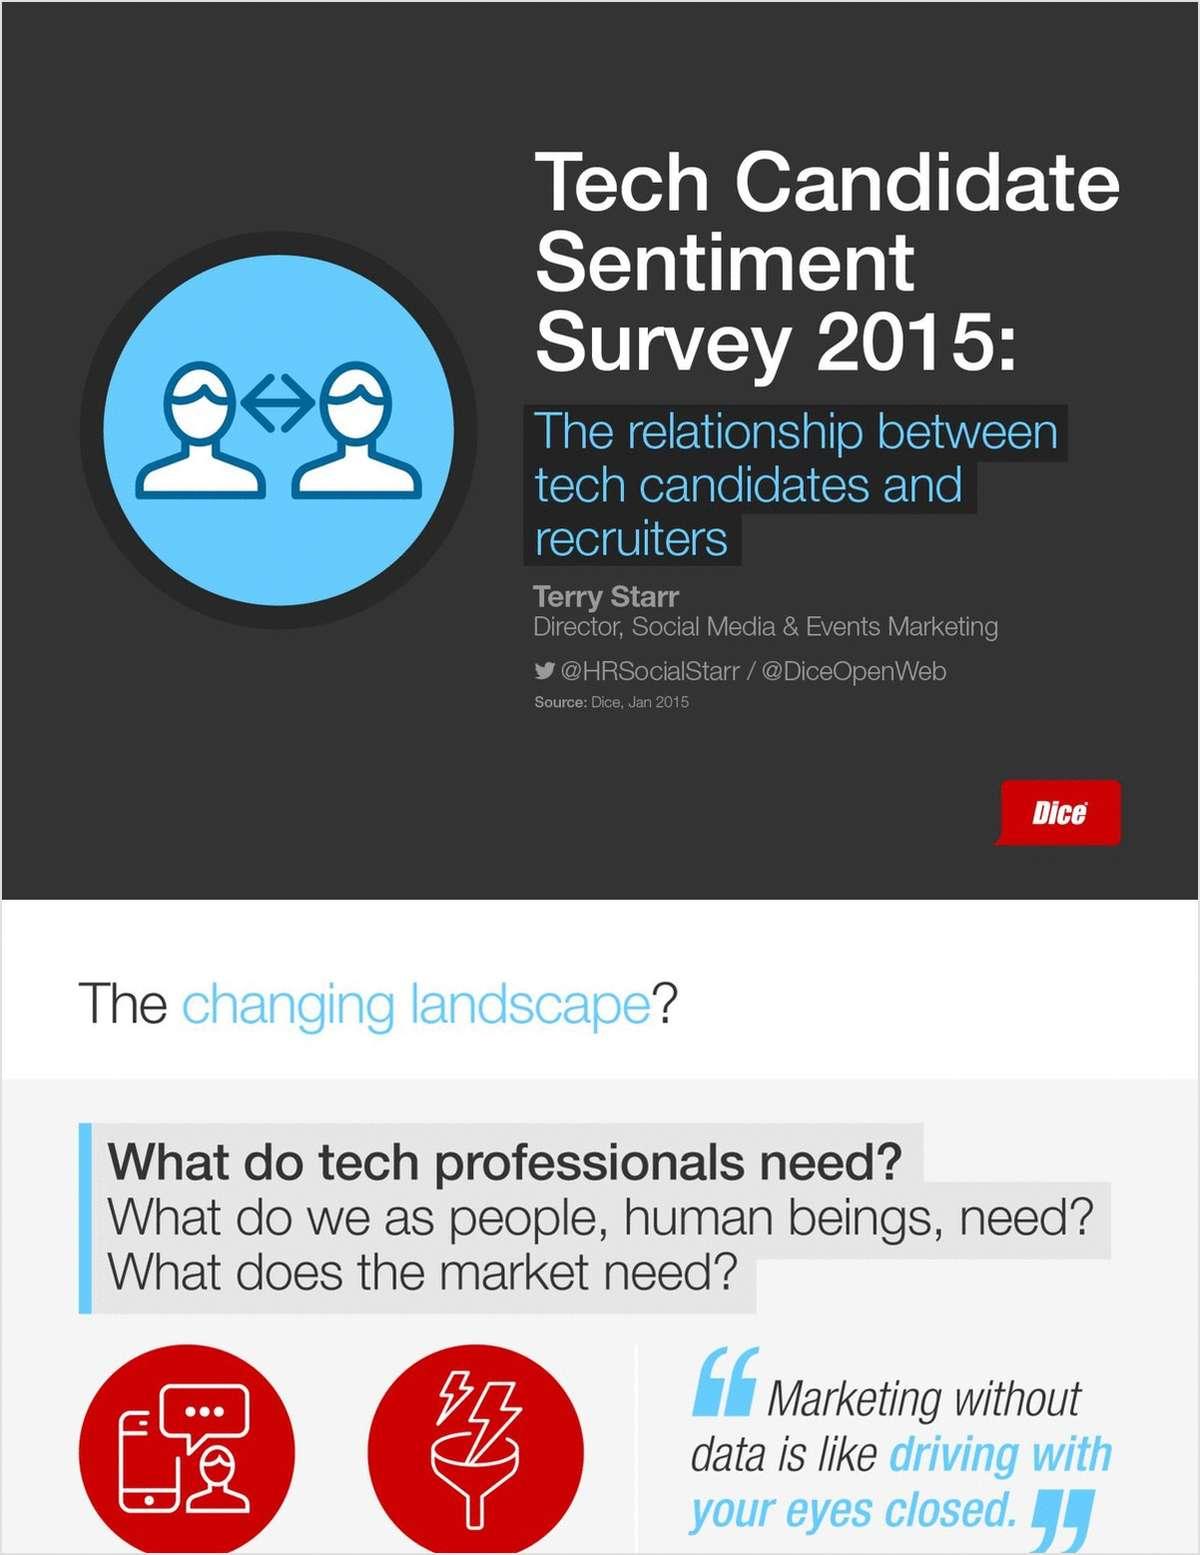 Tech Candidate Sentiment Survey